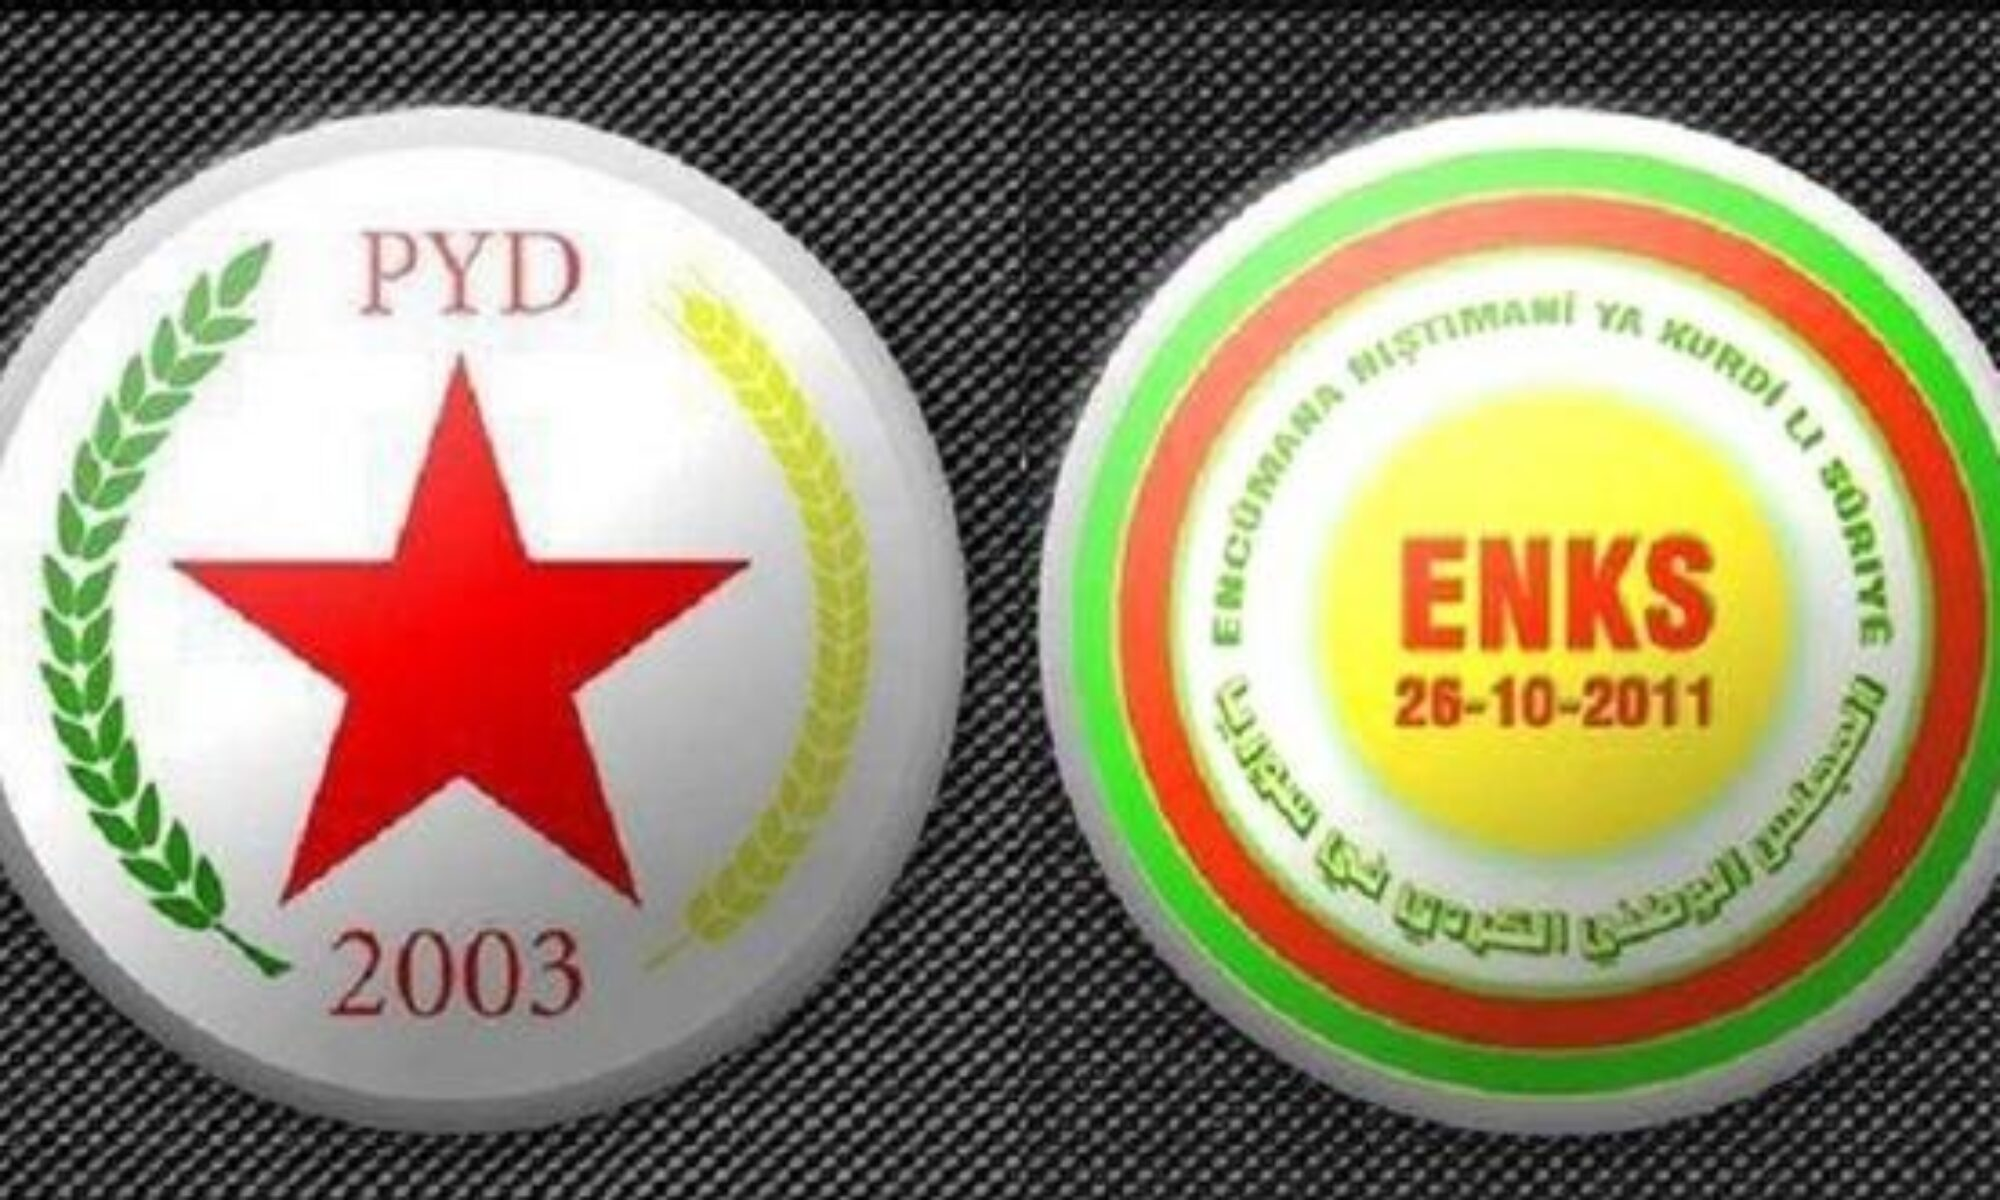 ENKS yetkilisi Reşîd PYD ile görüşmeleri neden durduklarını açıkladı?